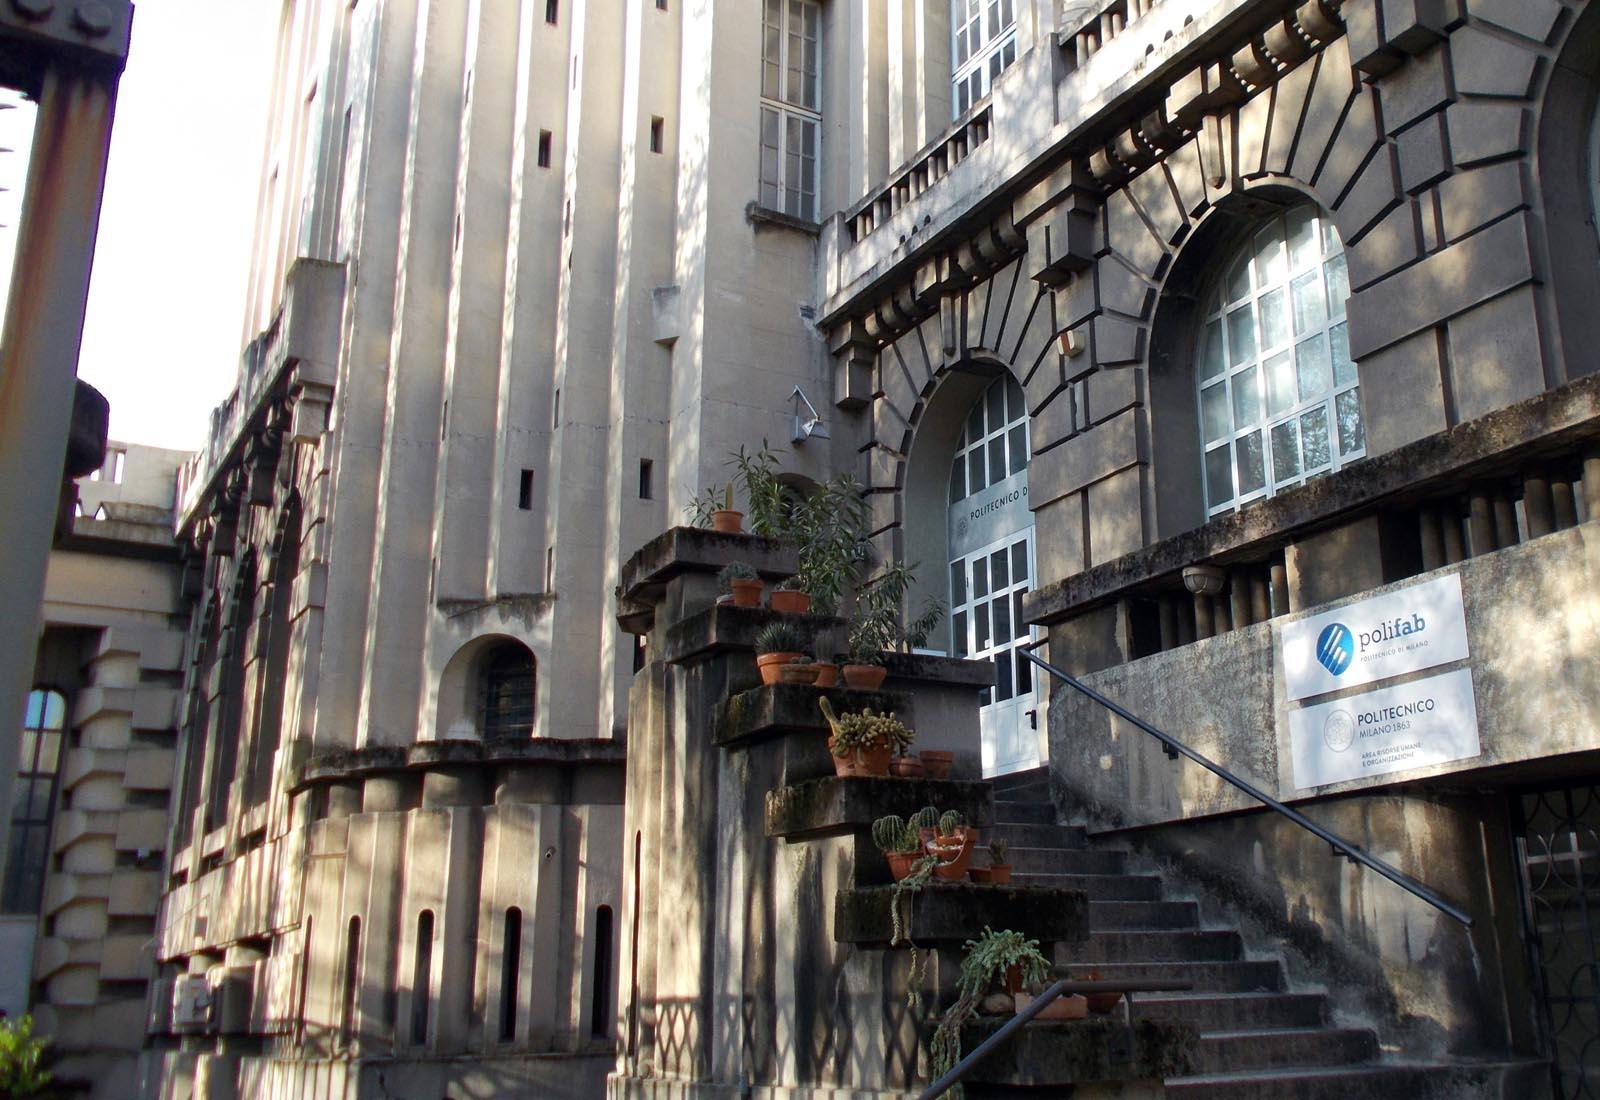 Politecnico Fotonica - Dettaglio della facciata